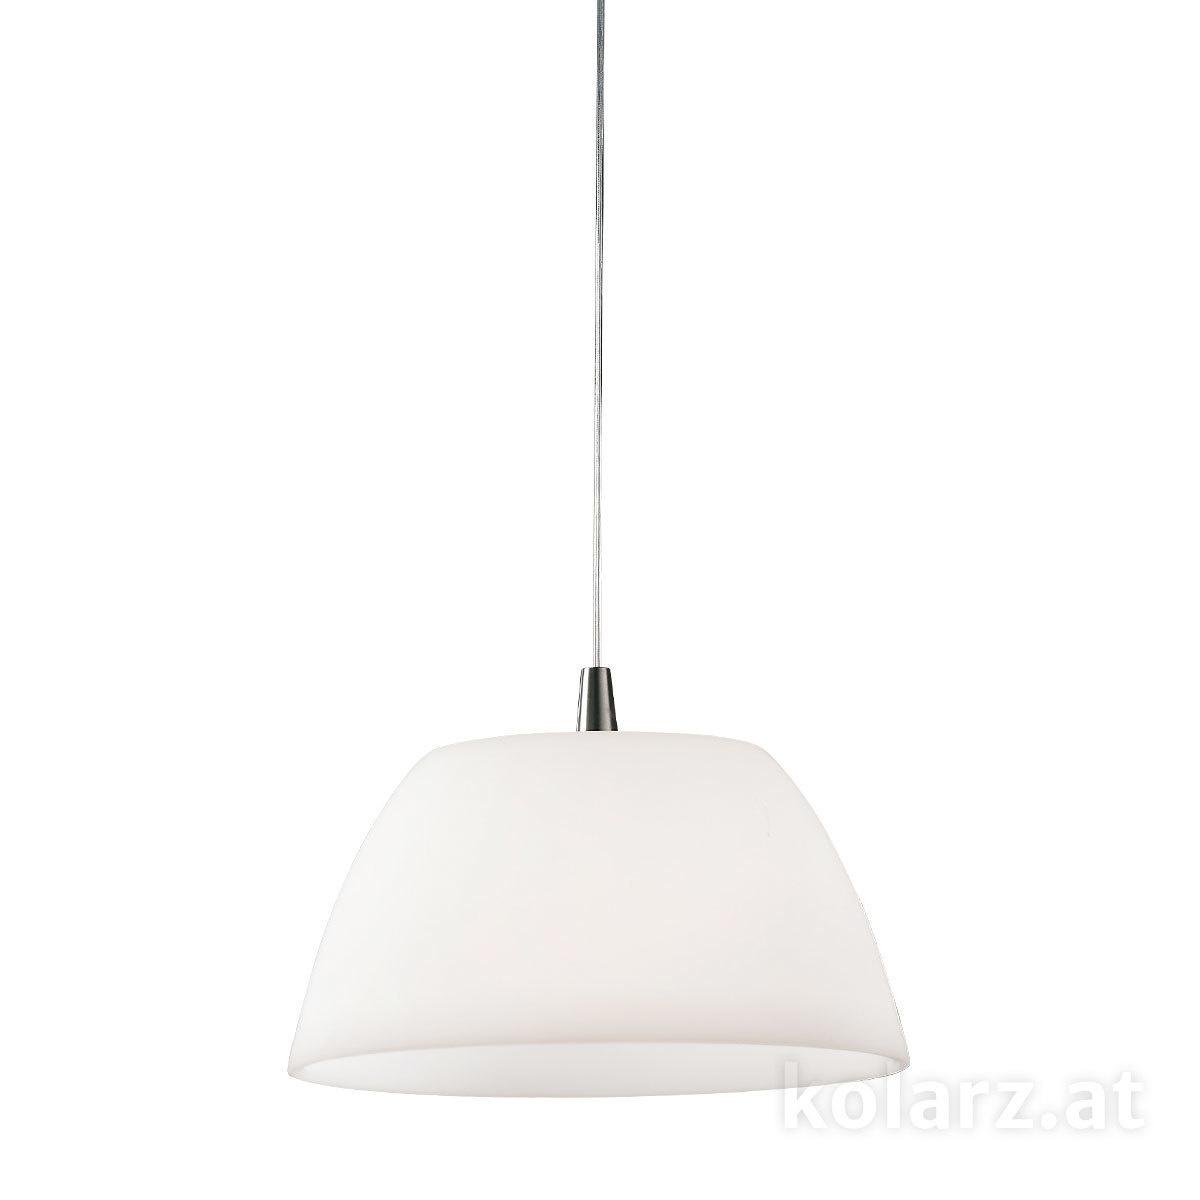 Hängeleuchten von KOLARZ Leuchten Austrolux Malmö Hängeleuchte 0051.31.6